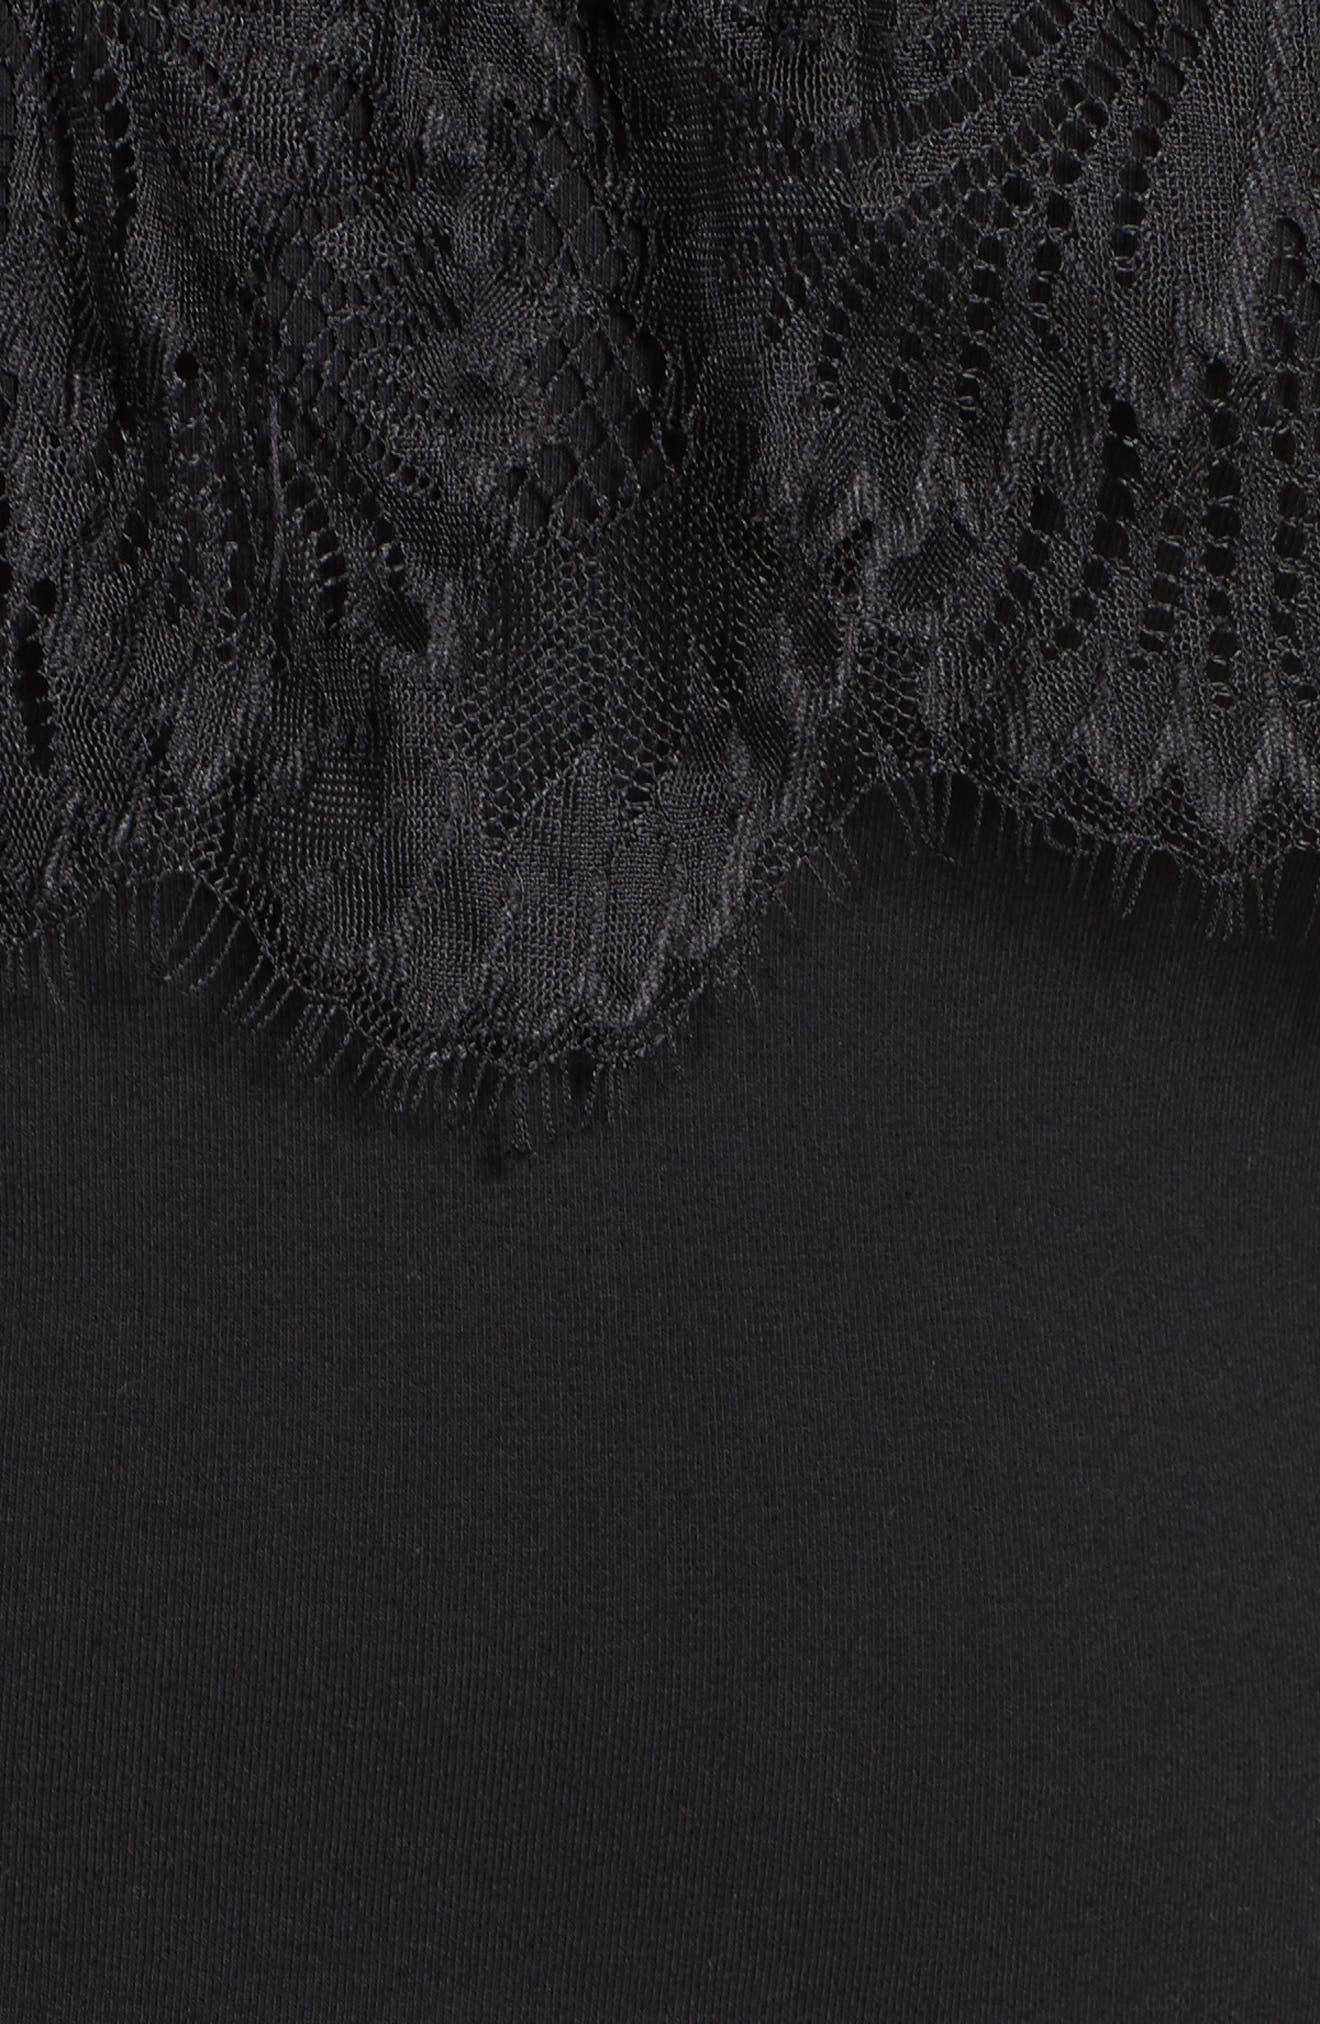 Cold Shoulder Lace Yoke Top,                             Alternate thumbnail 5, color,                             001